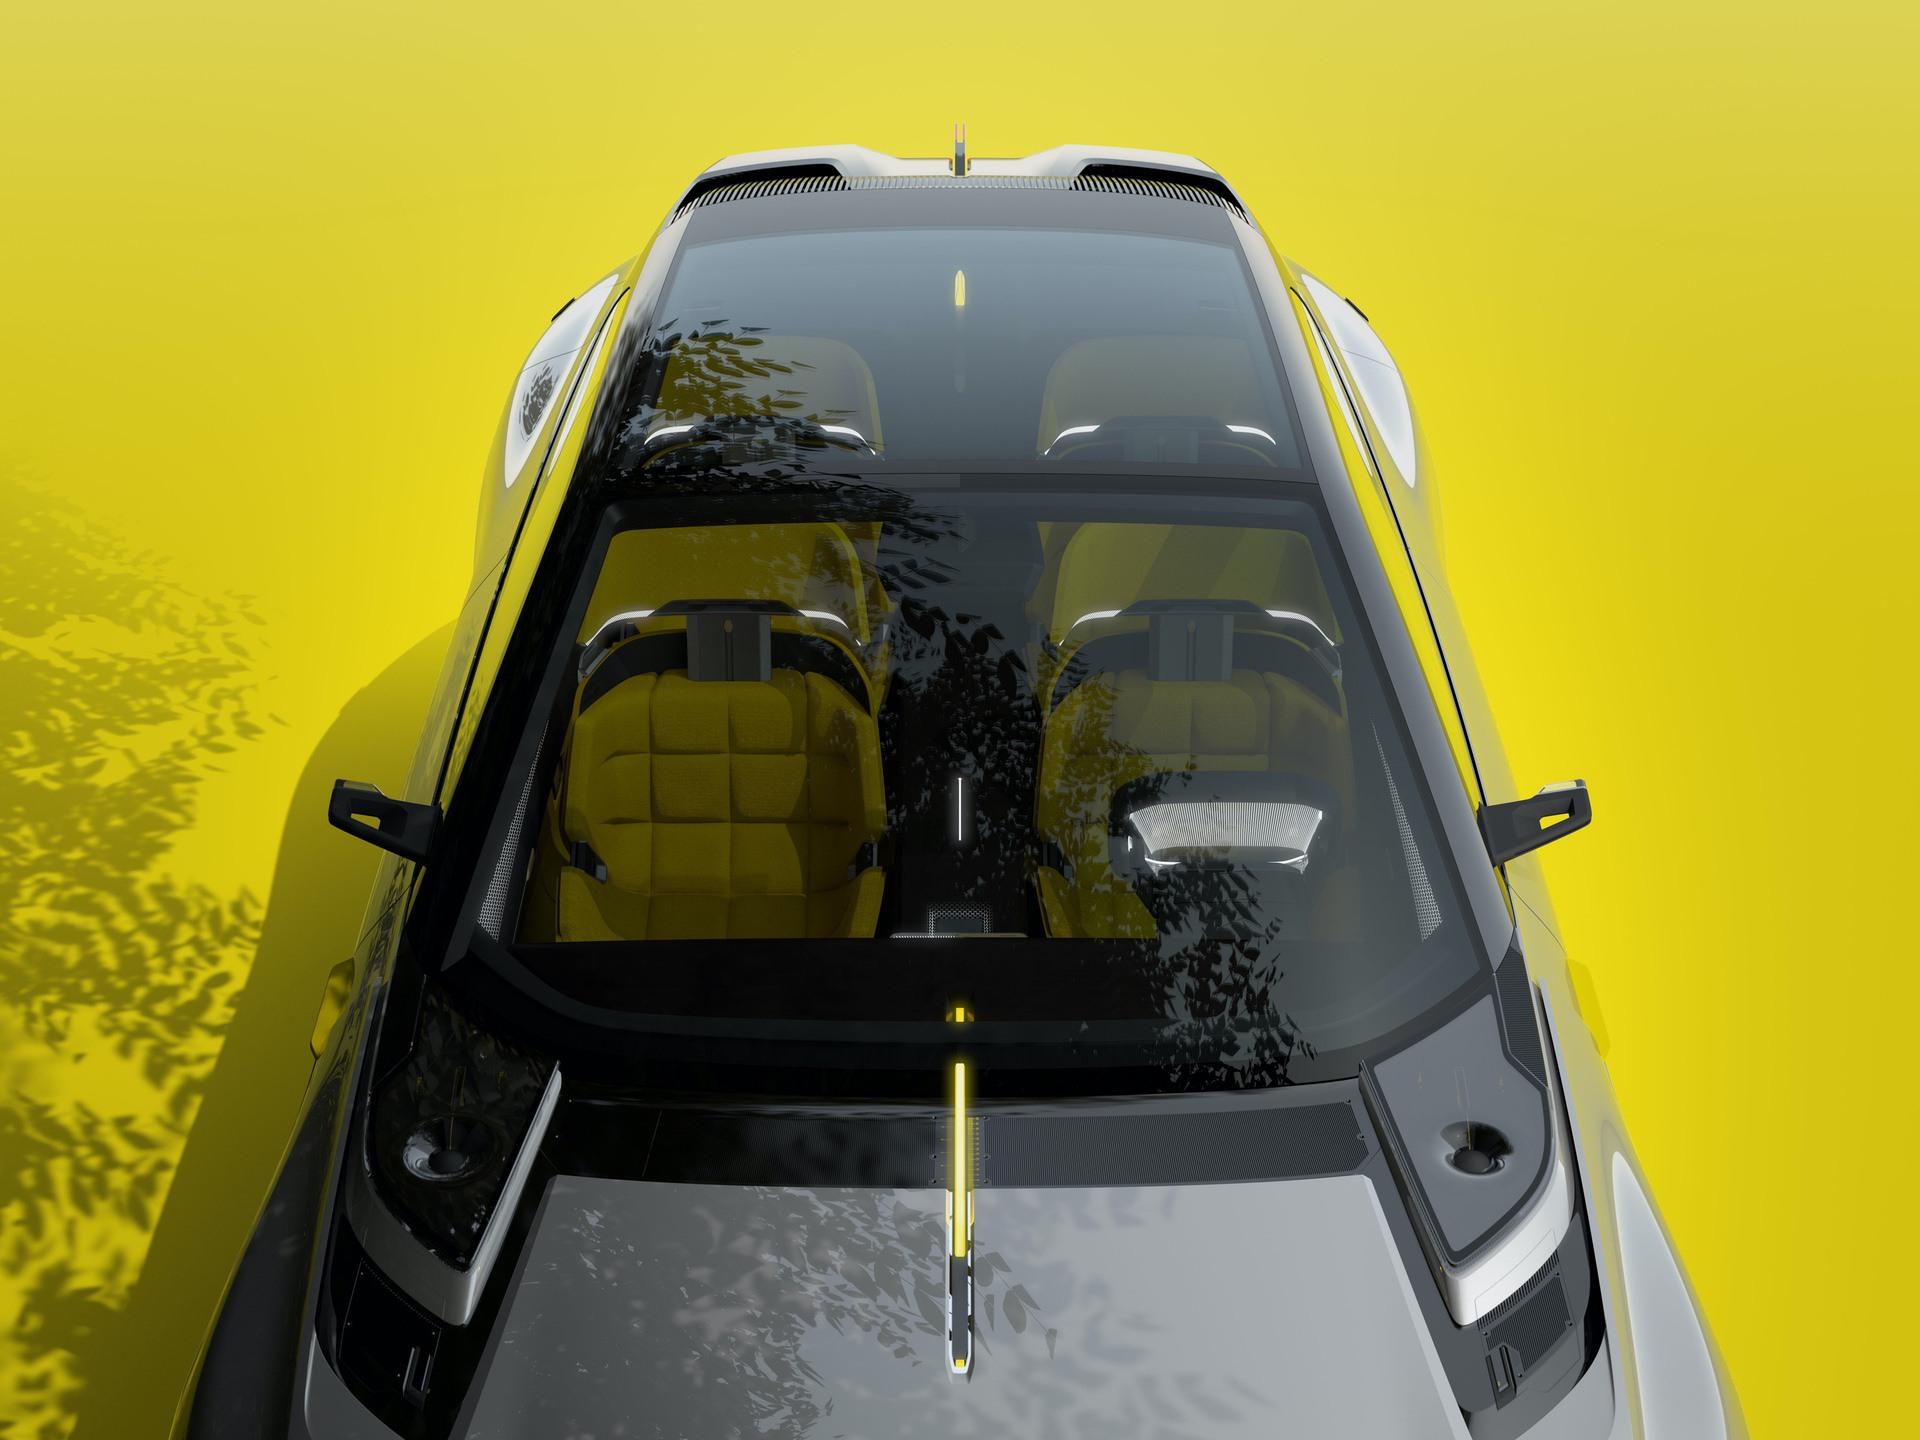 Renault_Morphoz_concept_0031